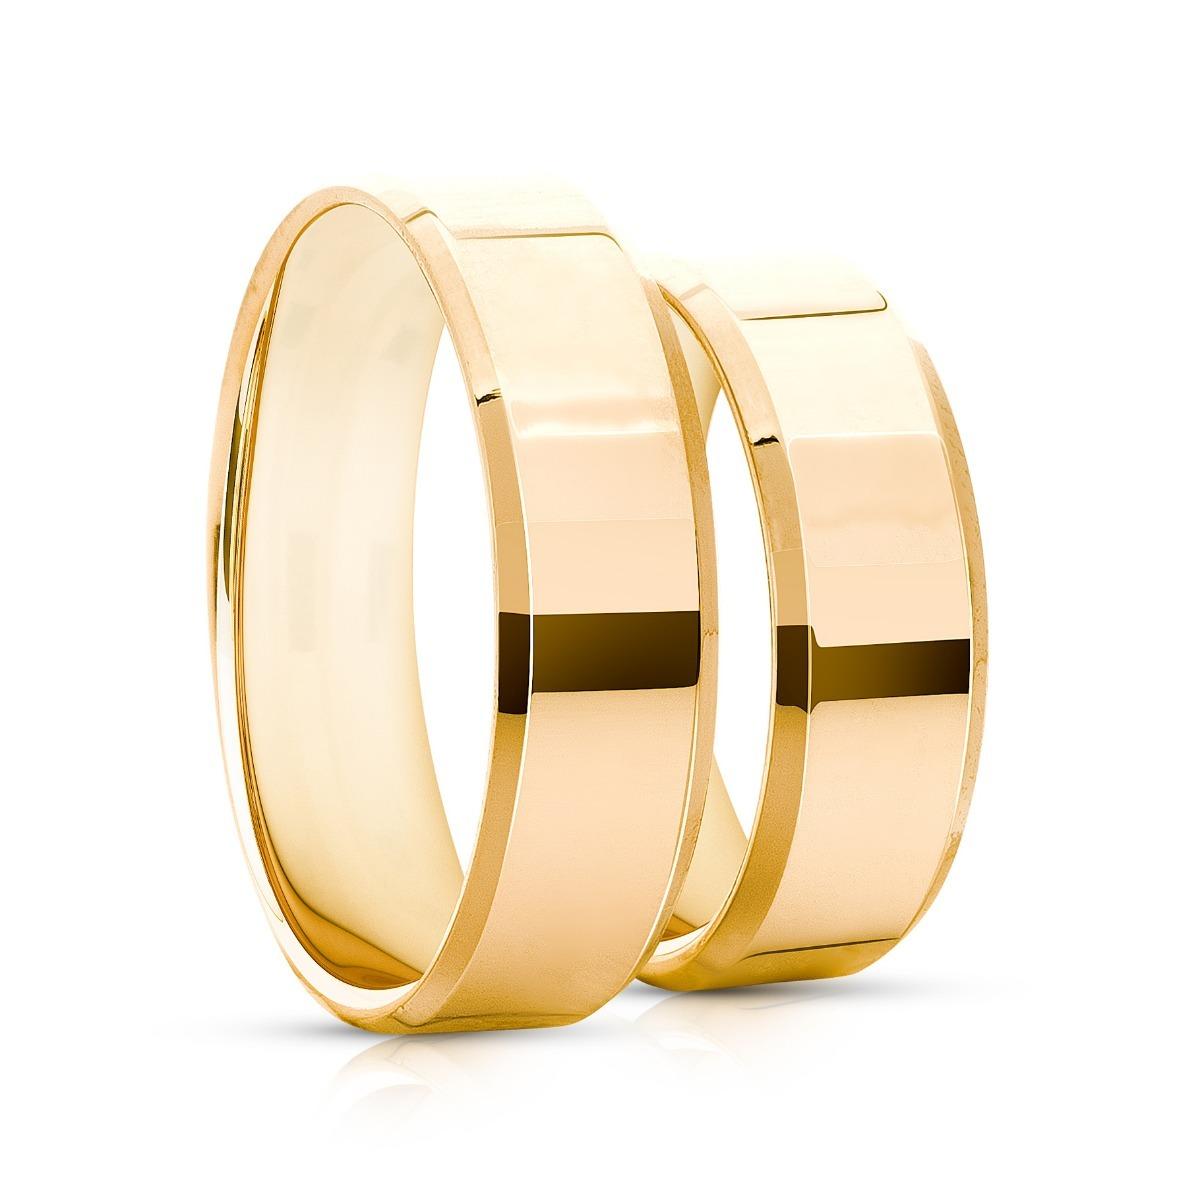 4c17e53e3a7b2 Par De Alianças De Ouro 5mm 7 Gramas 18k Casamento E Noivado - R ...